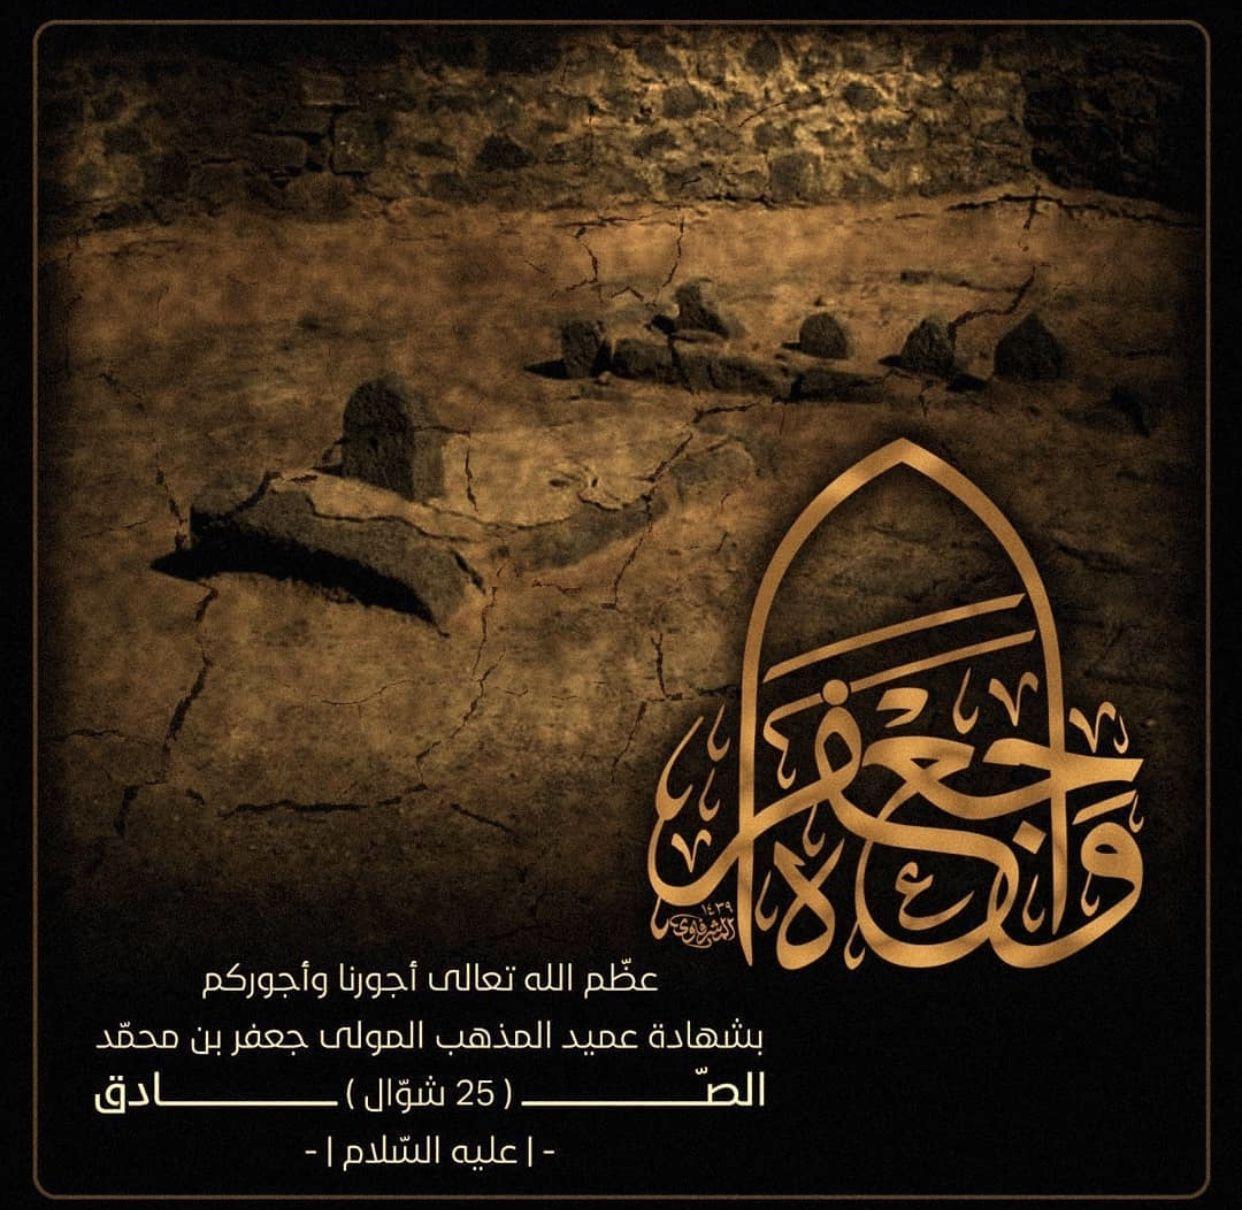 عظم ٲڵڵ ـہ أجوركم ذكرى إستشهاد الإمام الصادق Movie Posters Poster Art